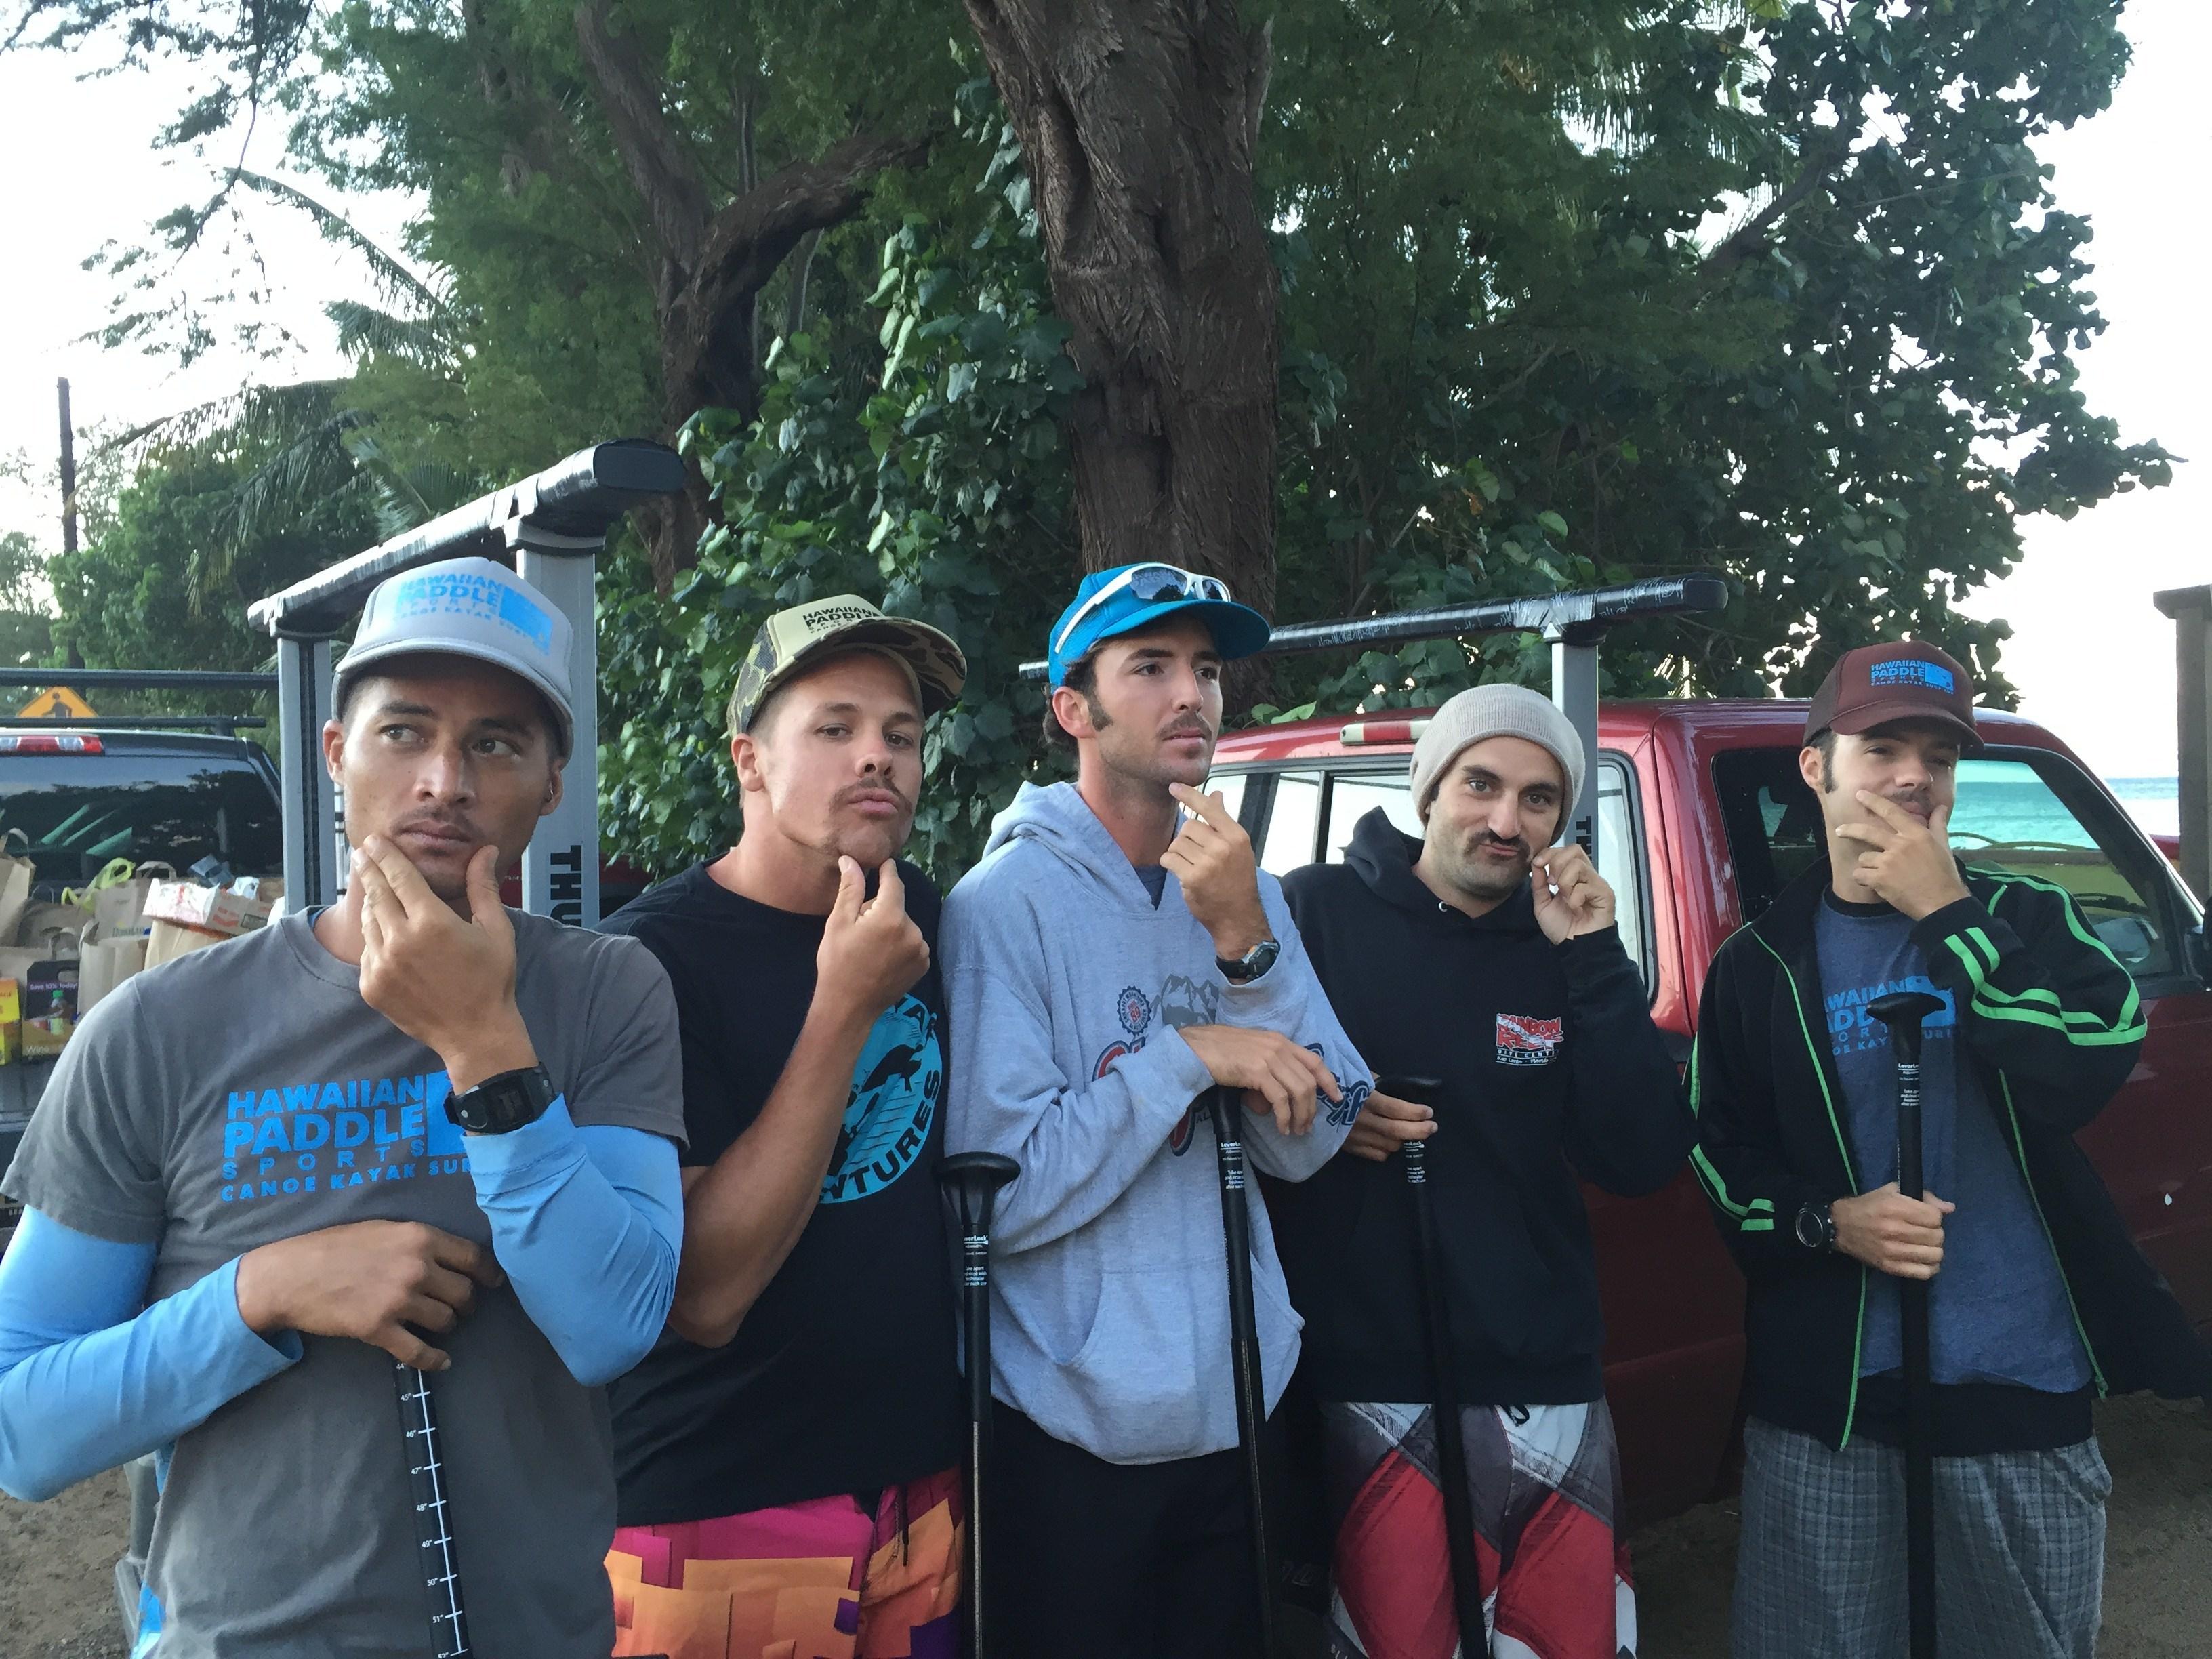 HPS movember team